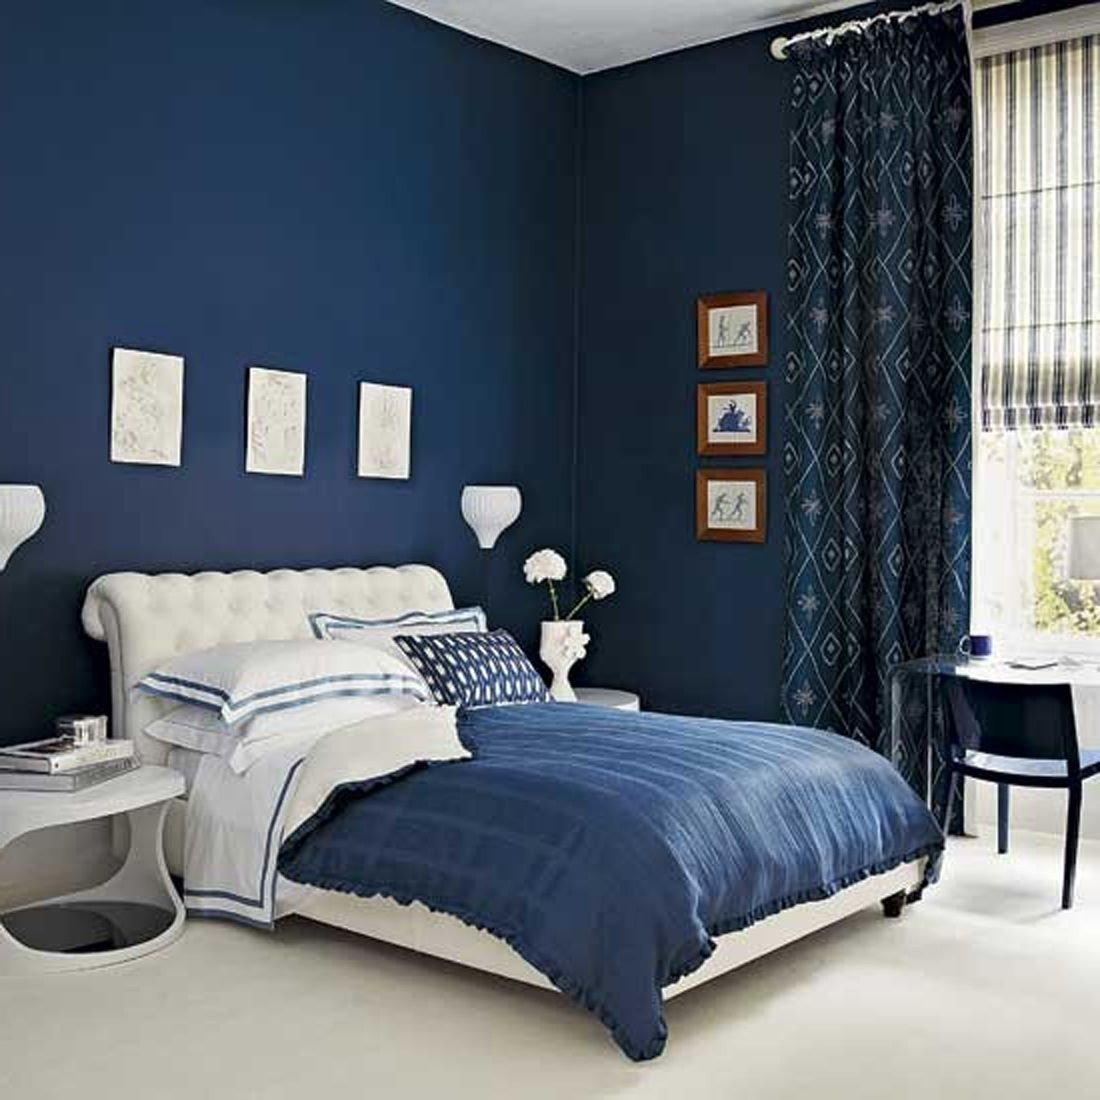 10 Trendy Fun Bedroom Ideas For Couples romantic bedroom ideas for couple romantic bedroom ideas 2021